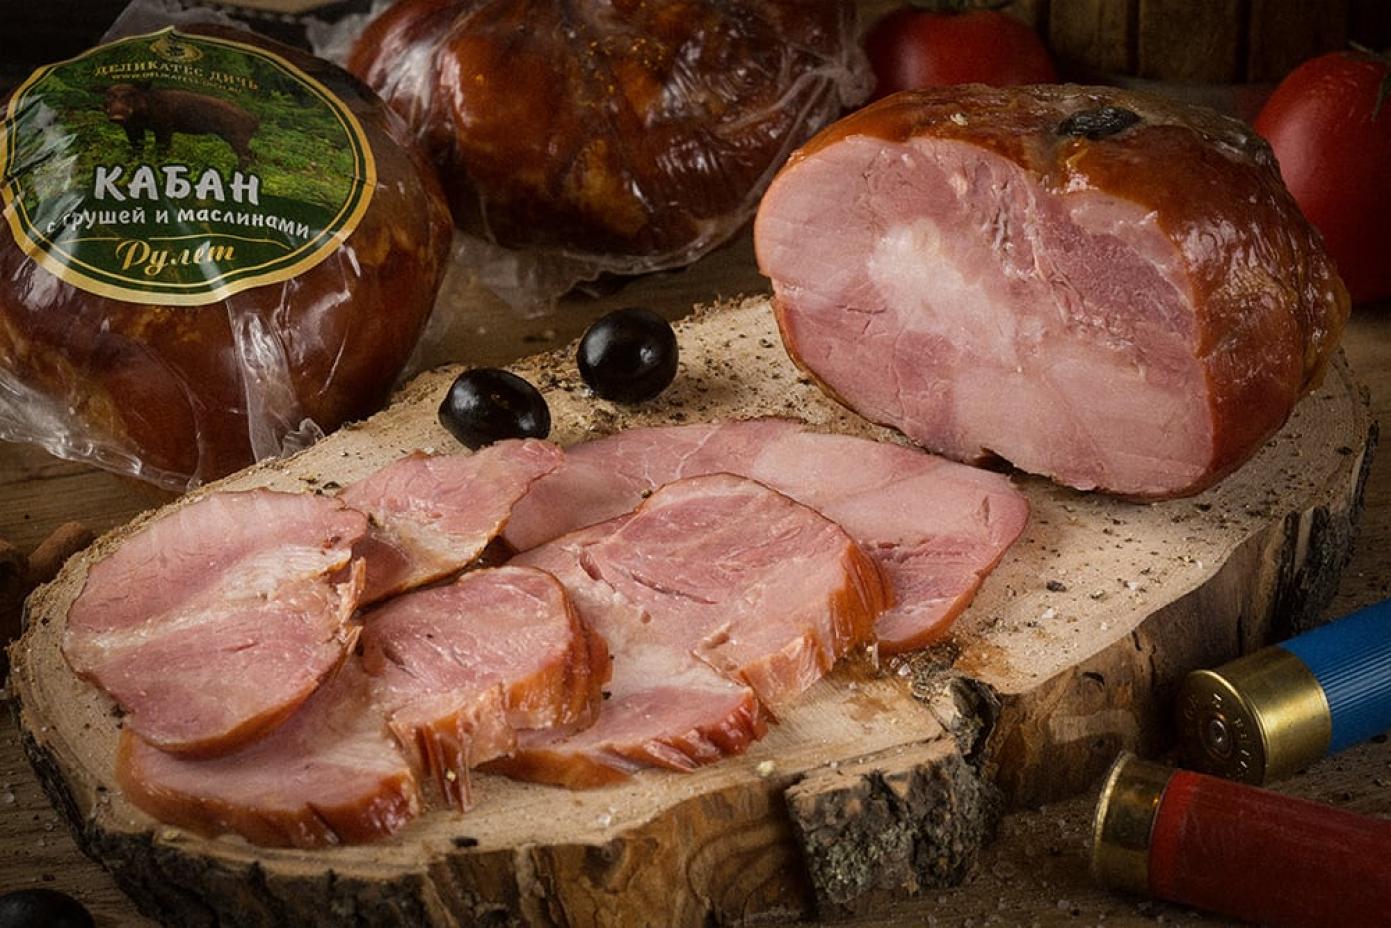 Рулет из мяса Кабана с грушей и маслинами